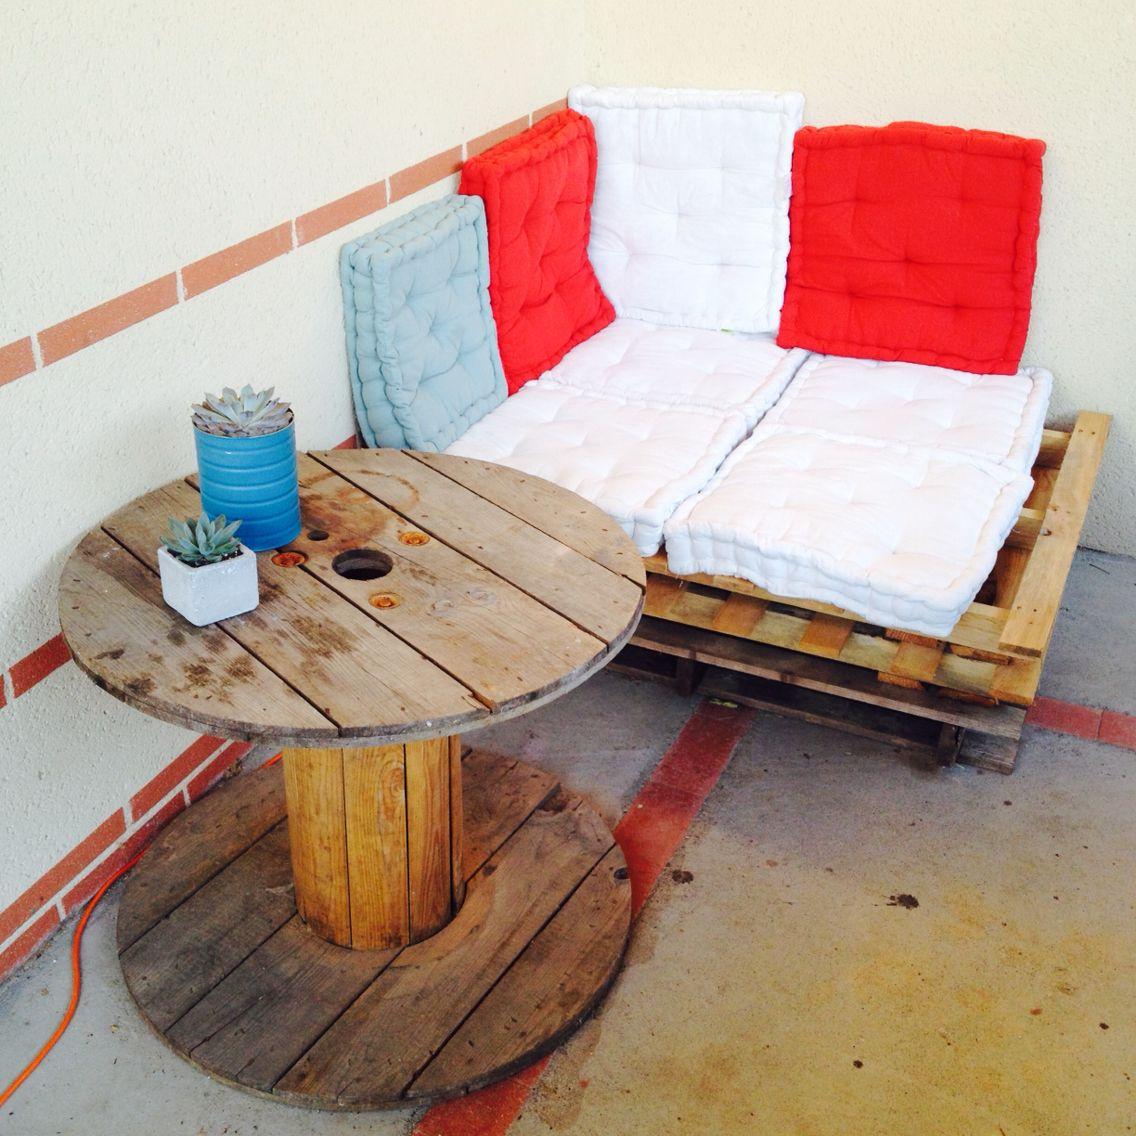 Petit Coin Terrasse à Moindre Coût, Fait Maison Palette En Bois, DIY, Touret